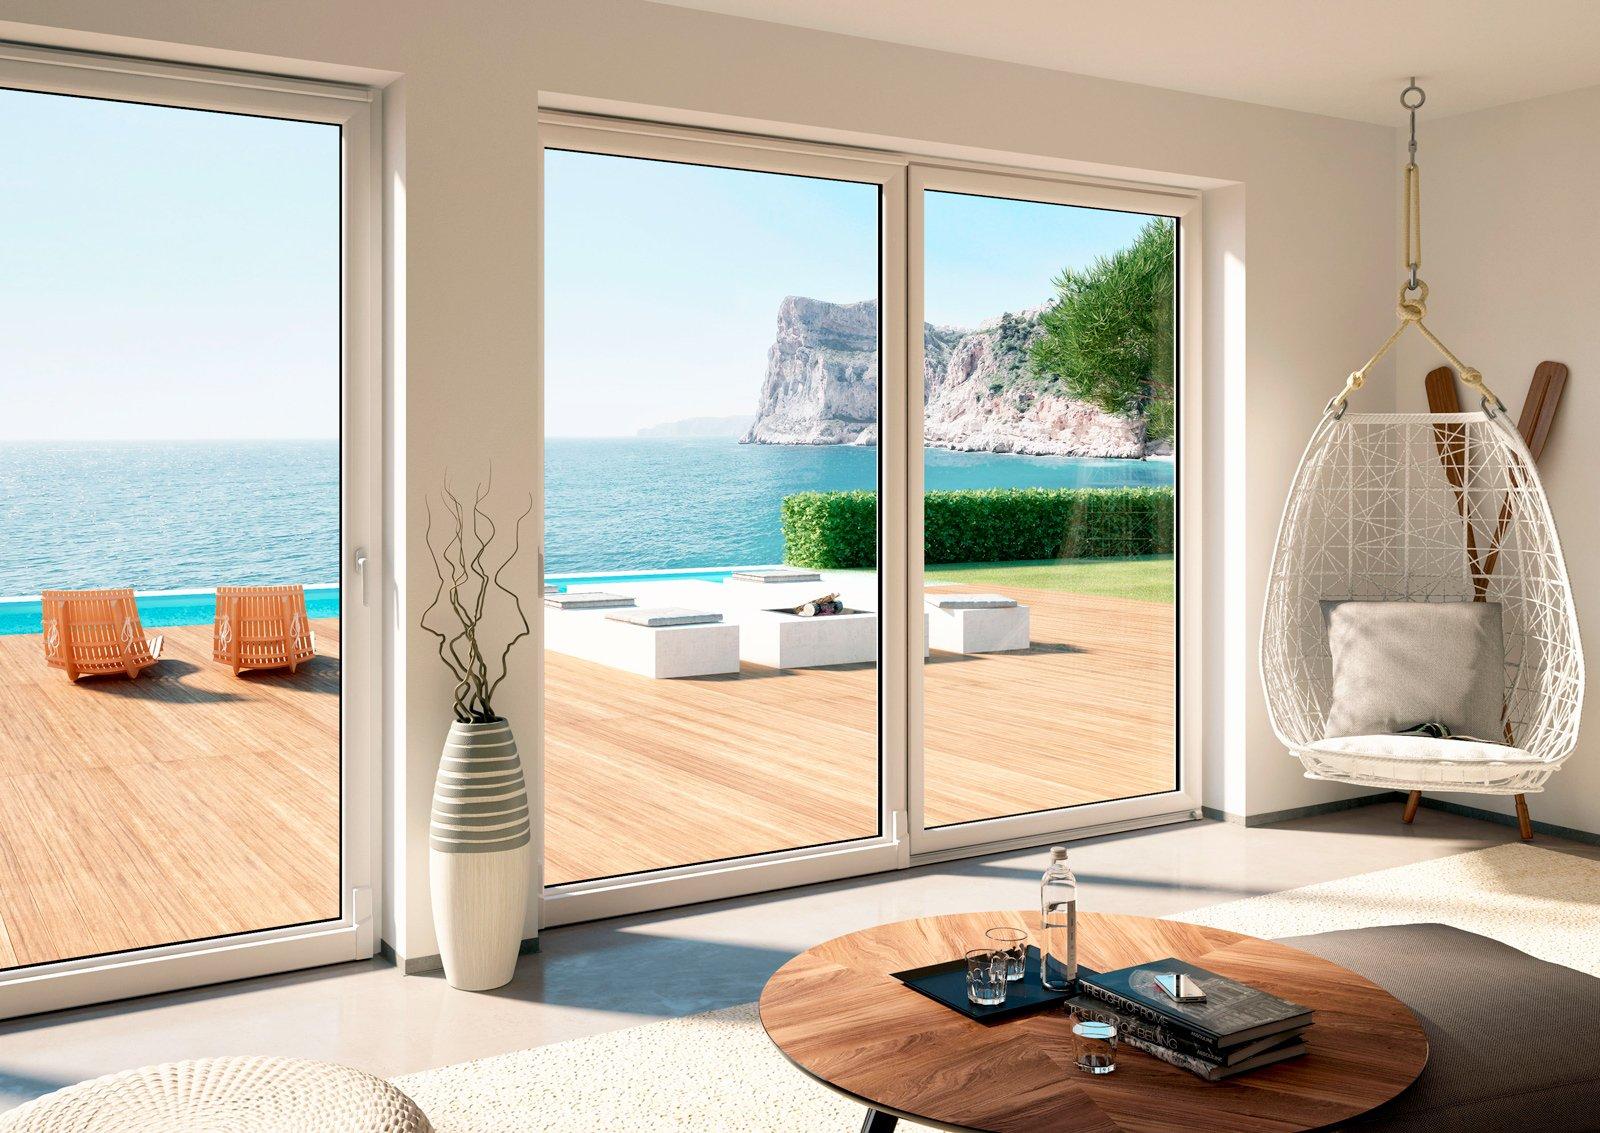 Vetrocamera delle finestre come fatta e quanto costa for Finestre in pvc quanto costa